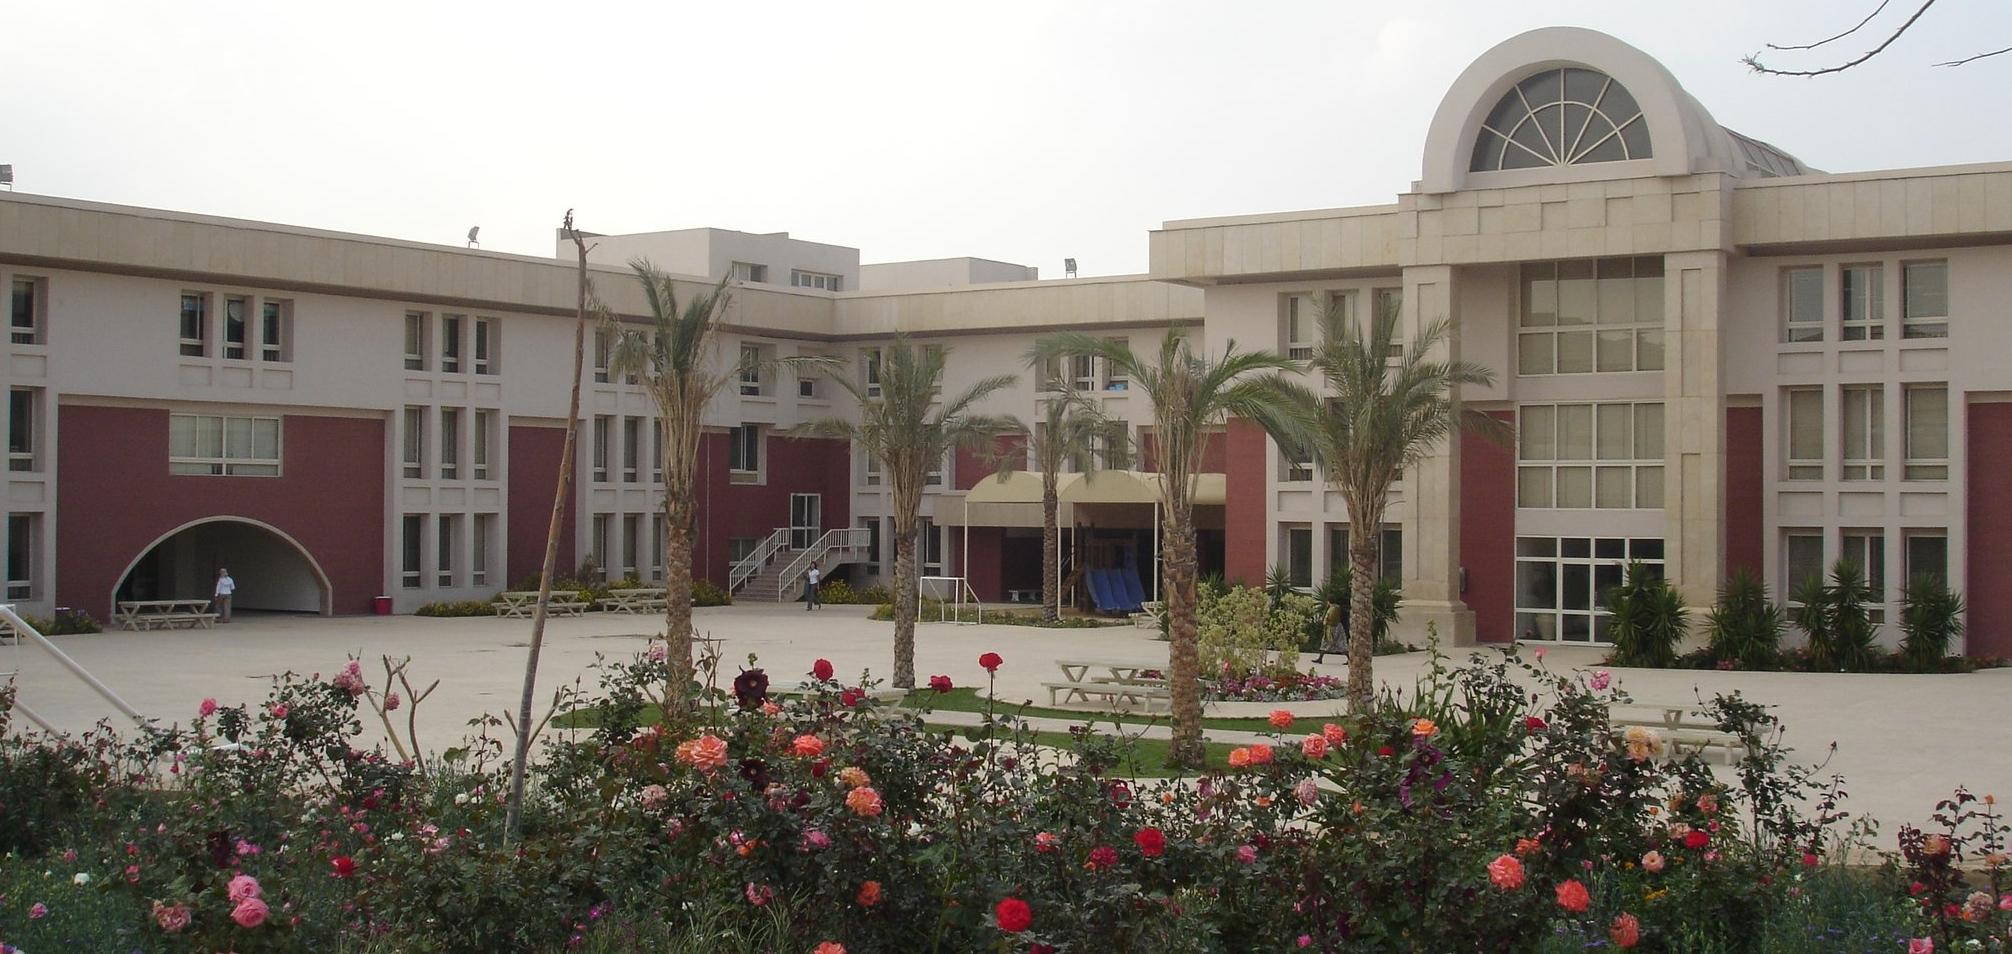 المدارس الإنترناشونال ( الدولية )